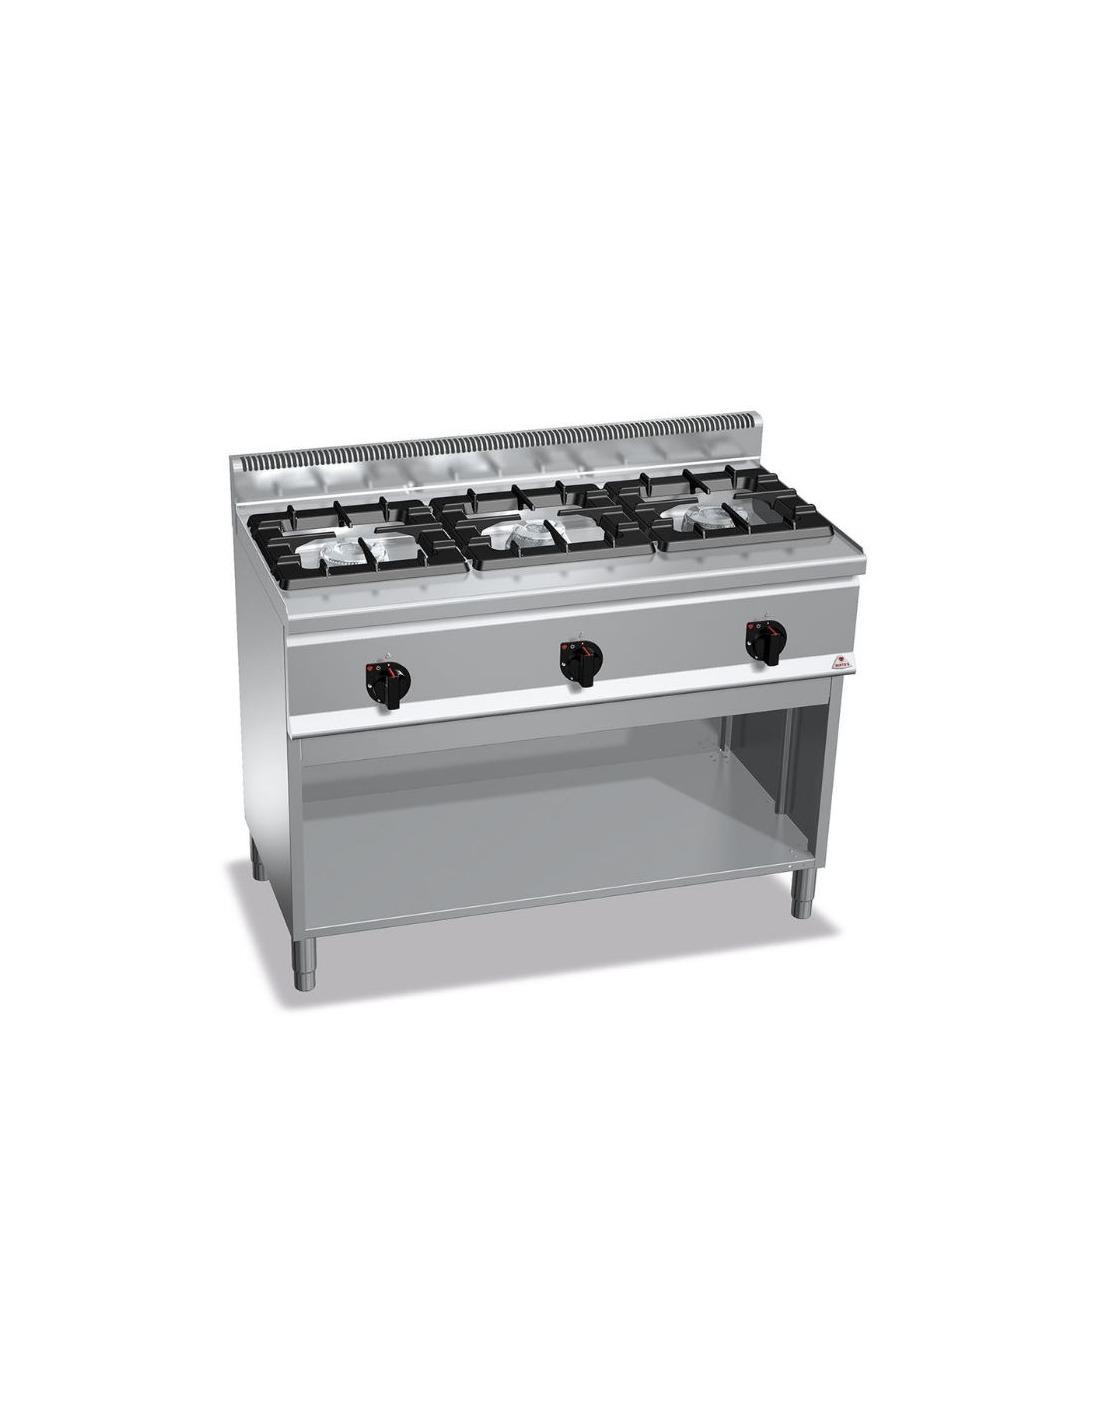 cocina industrial de 3 fuegos restaurante